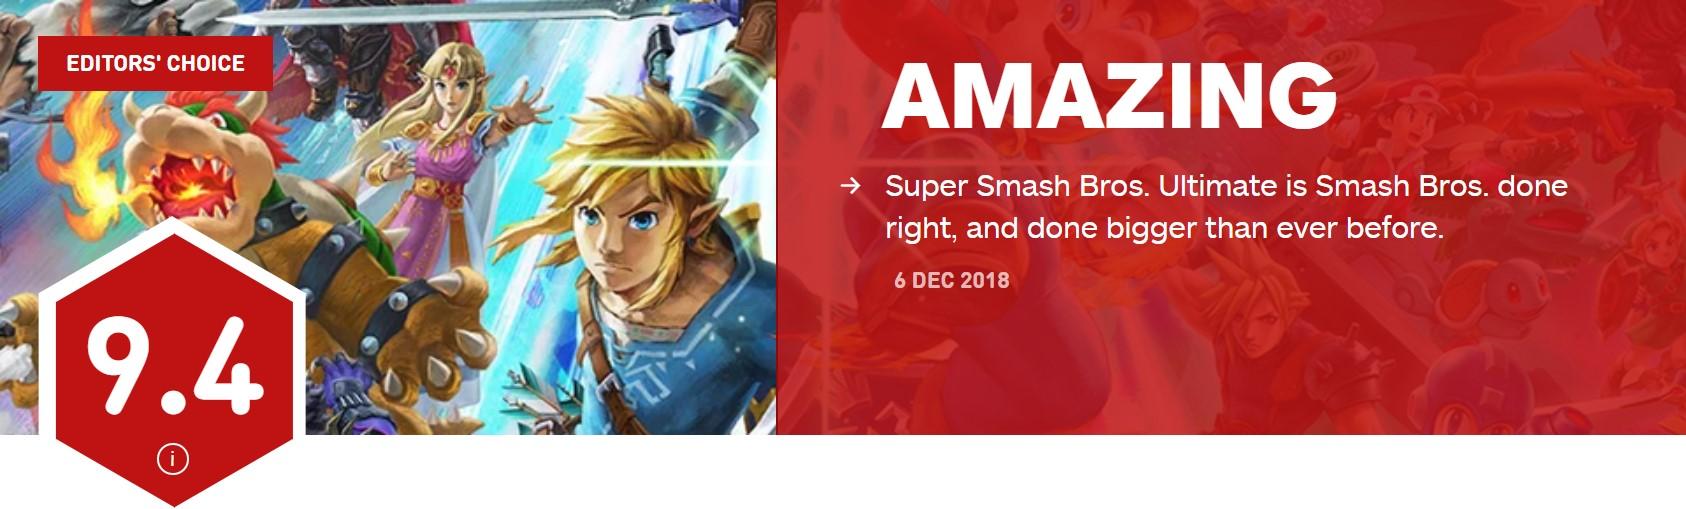 《任天堂明星大乱斗特别版》首批评分出炉 IGN 9.4分